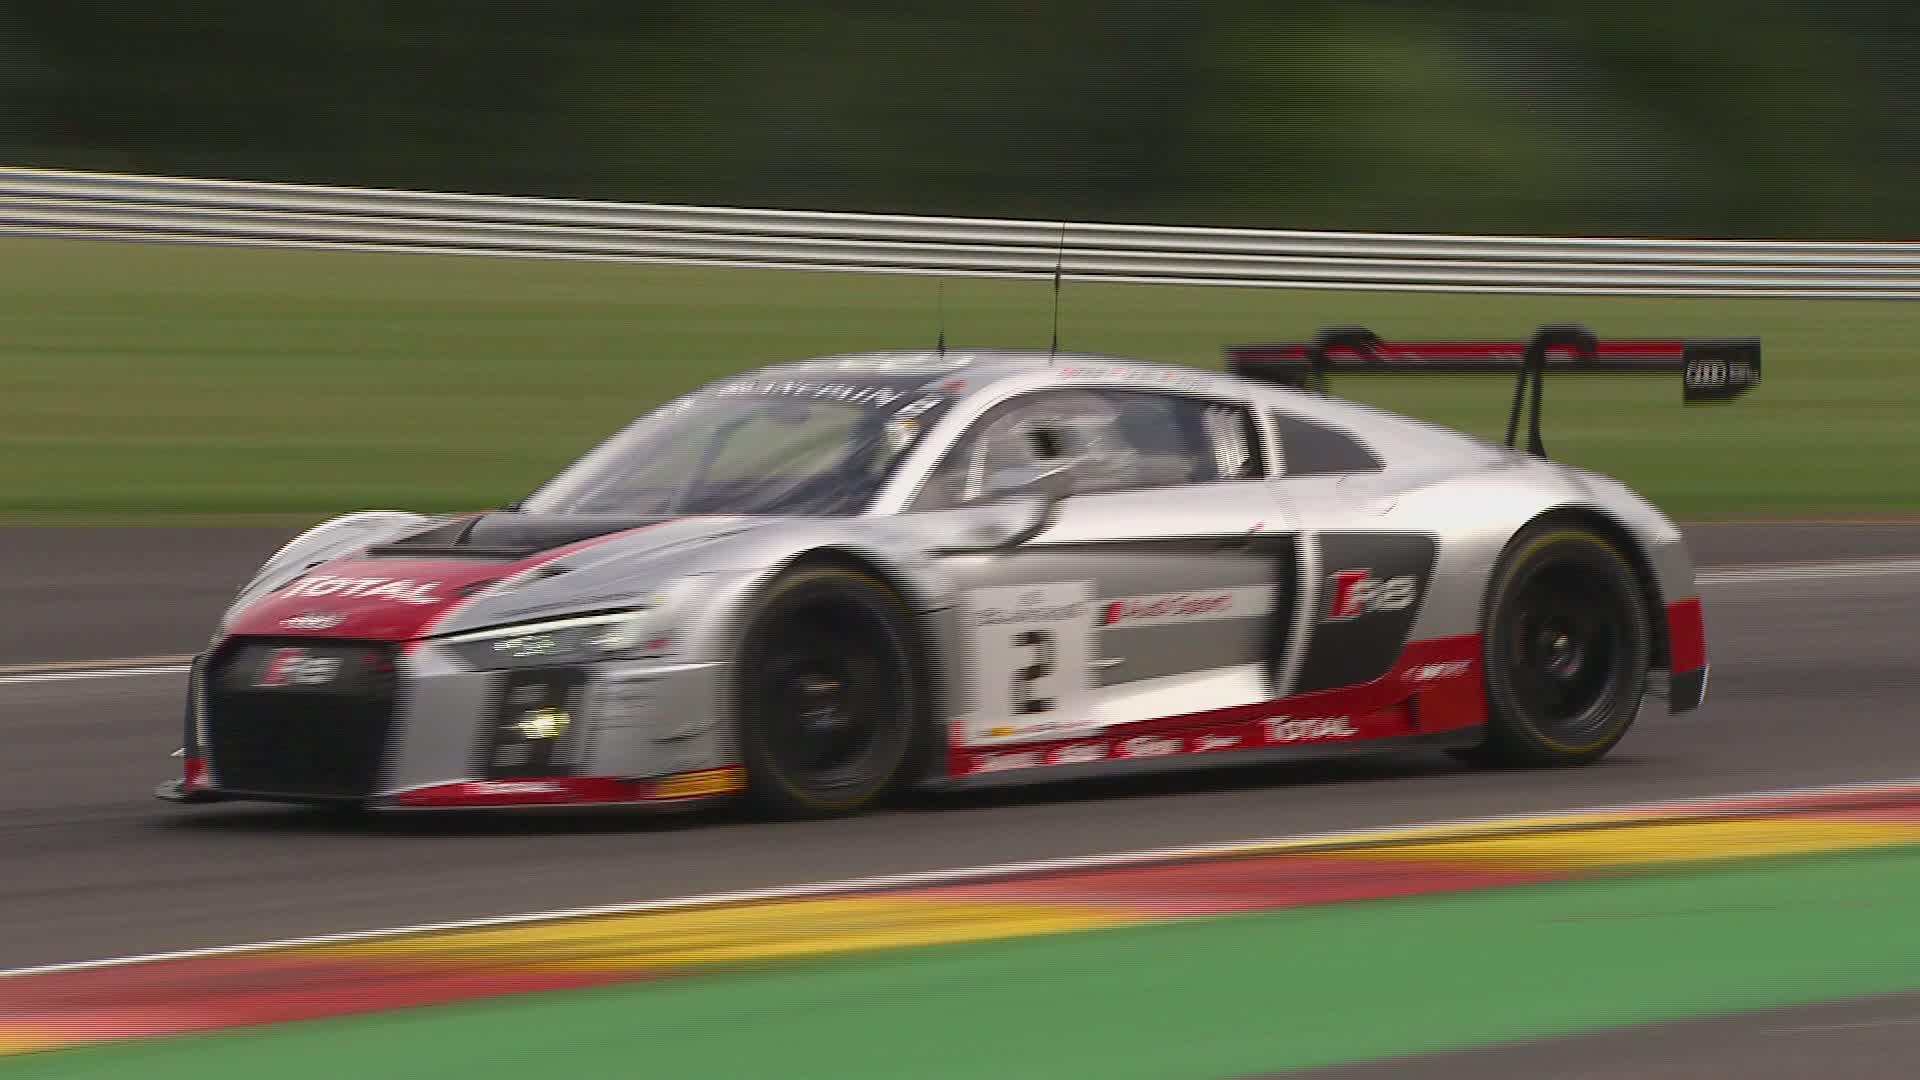 60 Seconds of Audi Sport 55/2015 – 24h Spa, Super Pole